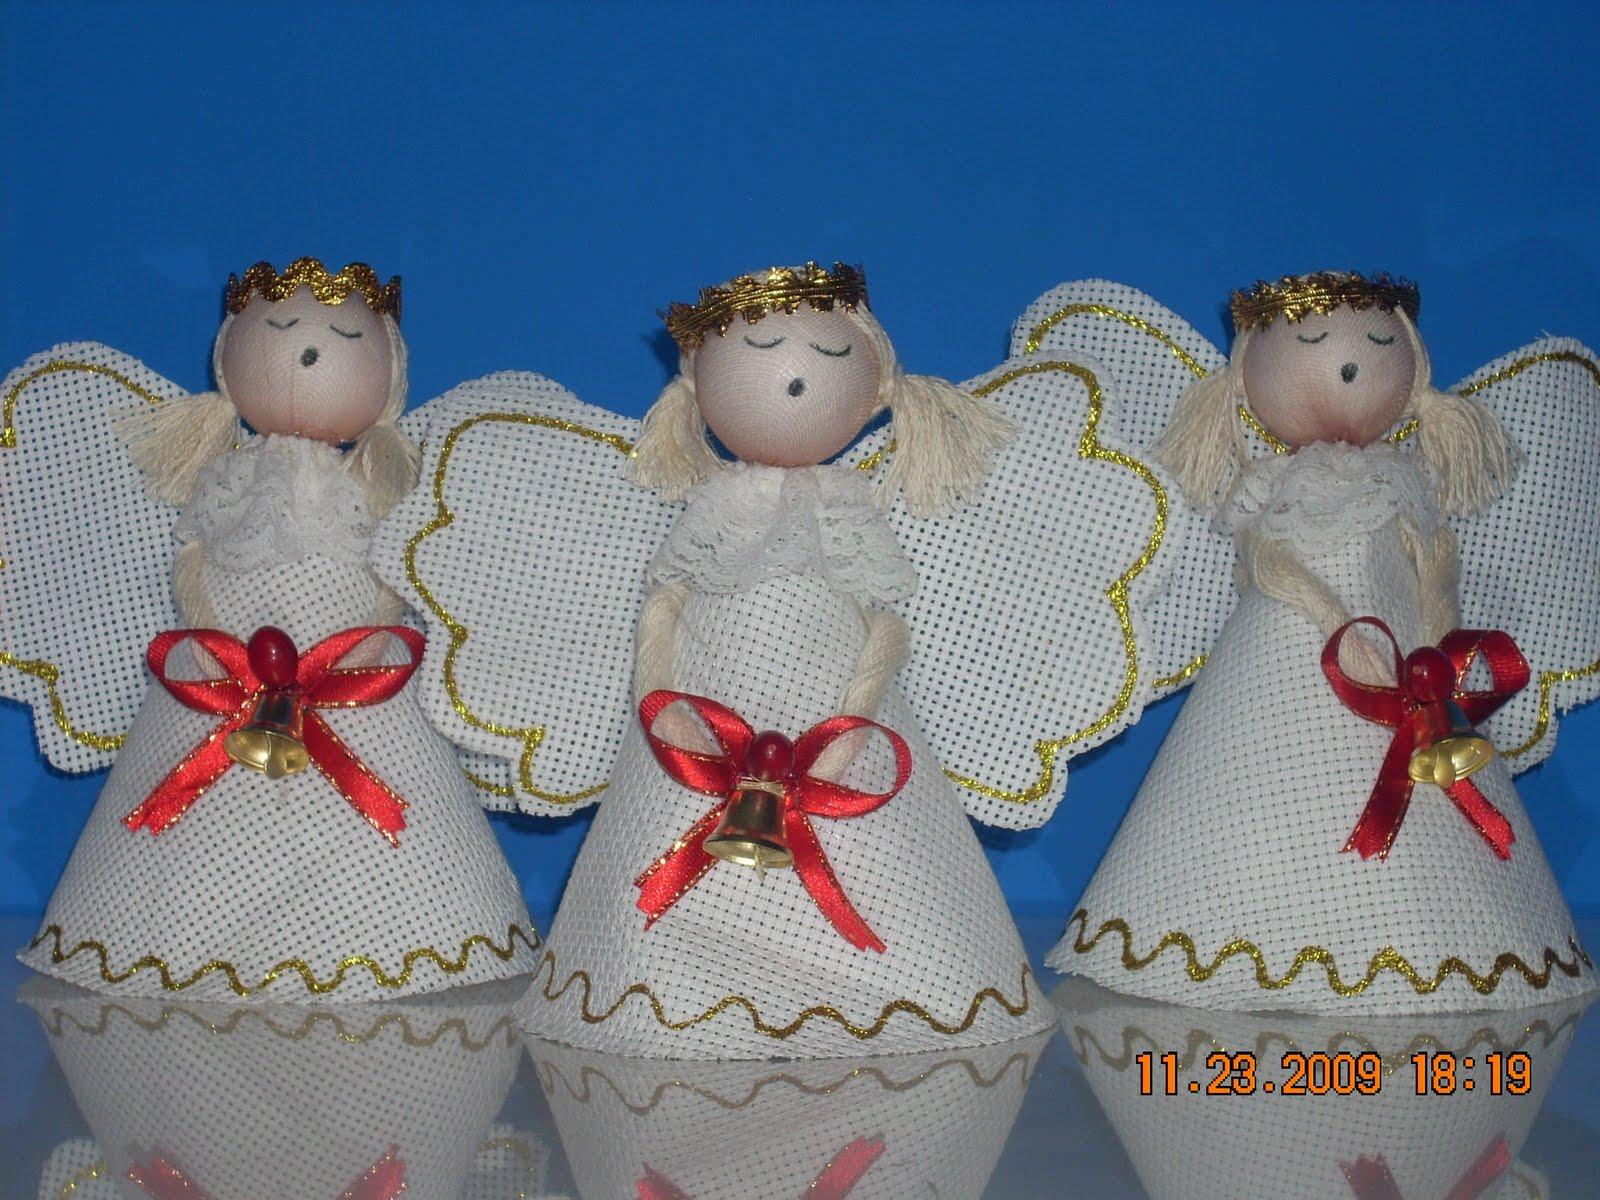 angeles realizados con genero panam blonda cinta cabeza de plumavit forrada y una campana para adornar mesas arboles muebles en plantas etc